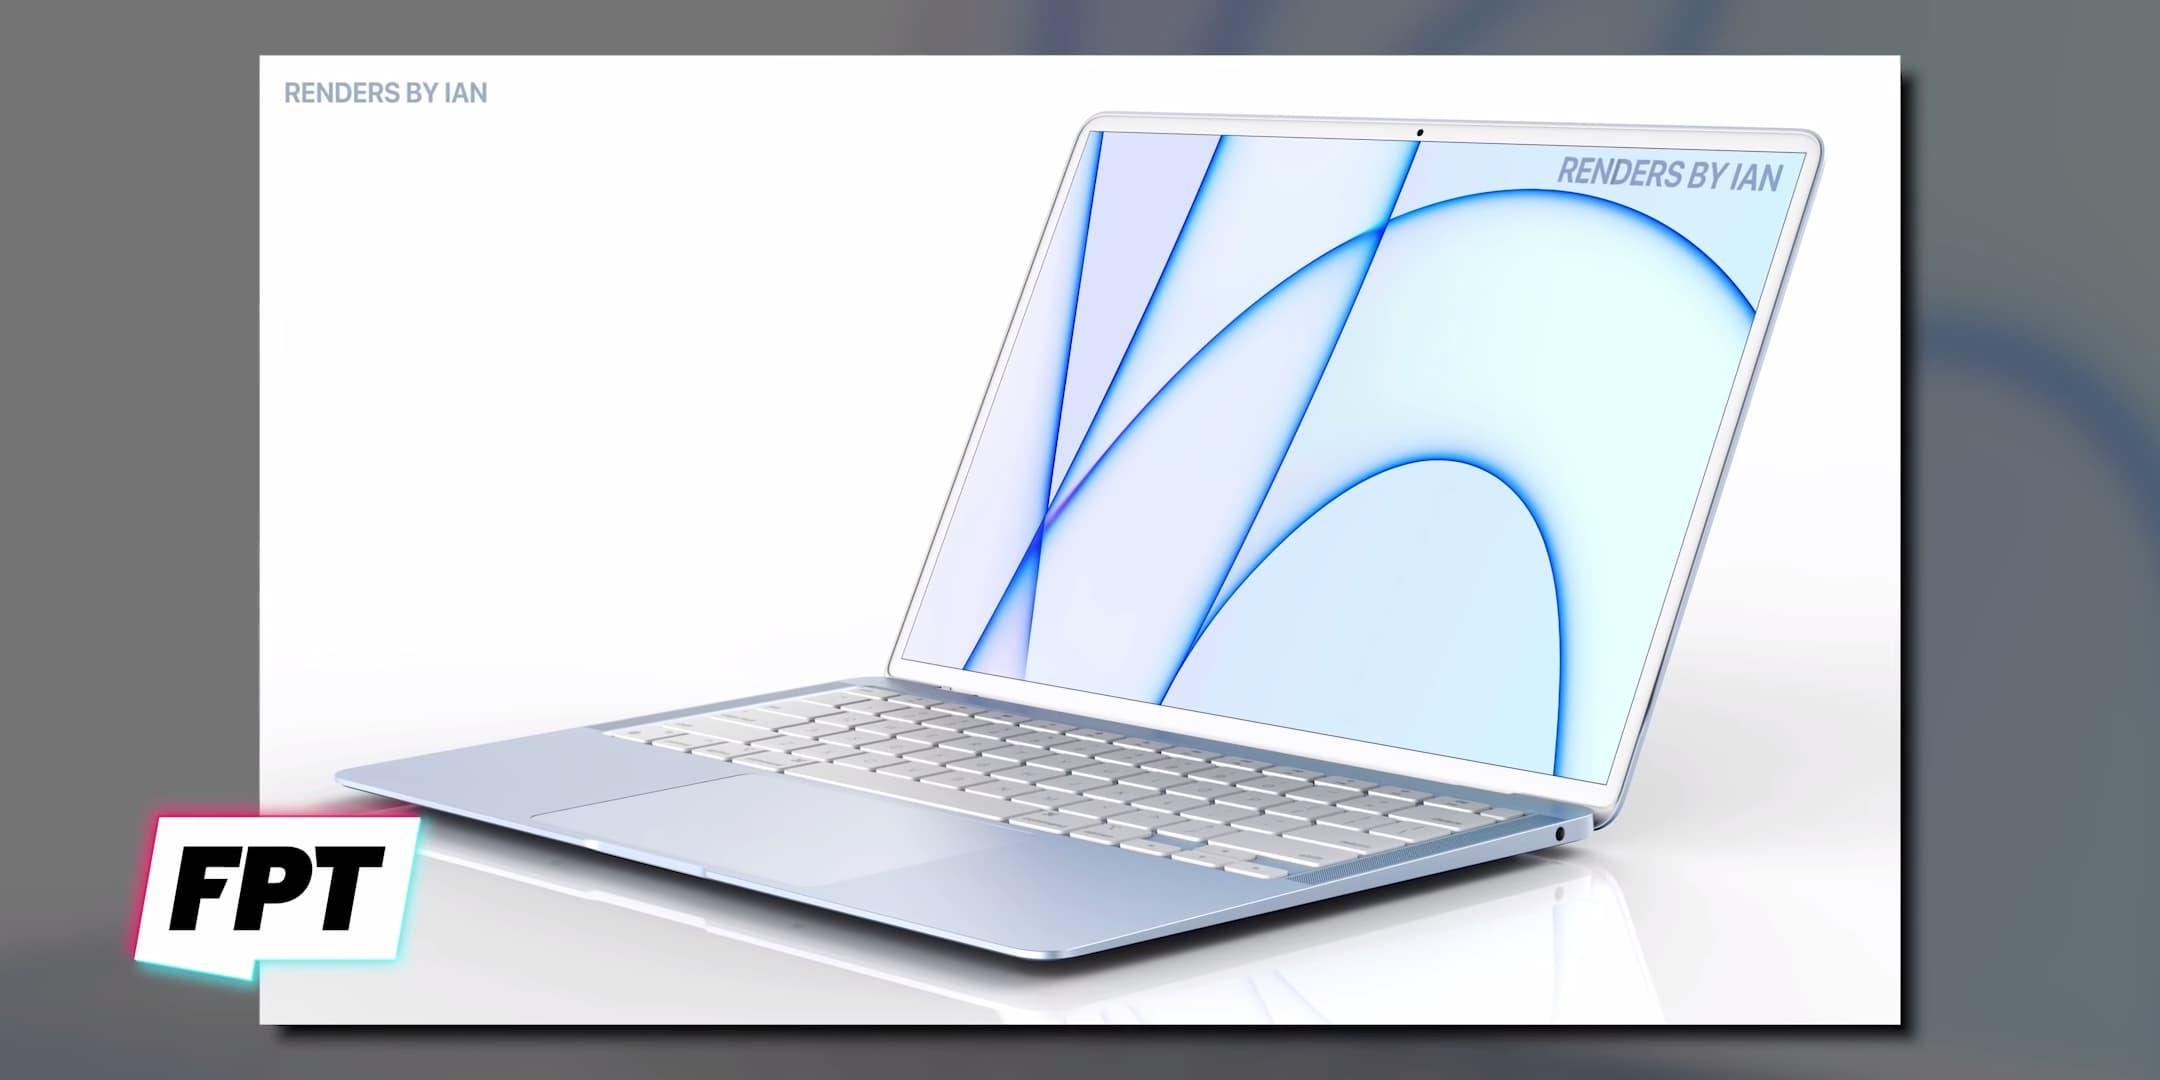 蘋果藍色款MacBook Air 2021模擬圖1